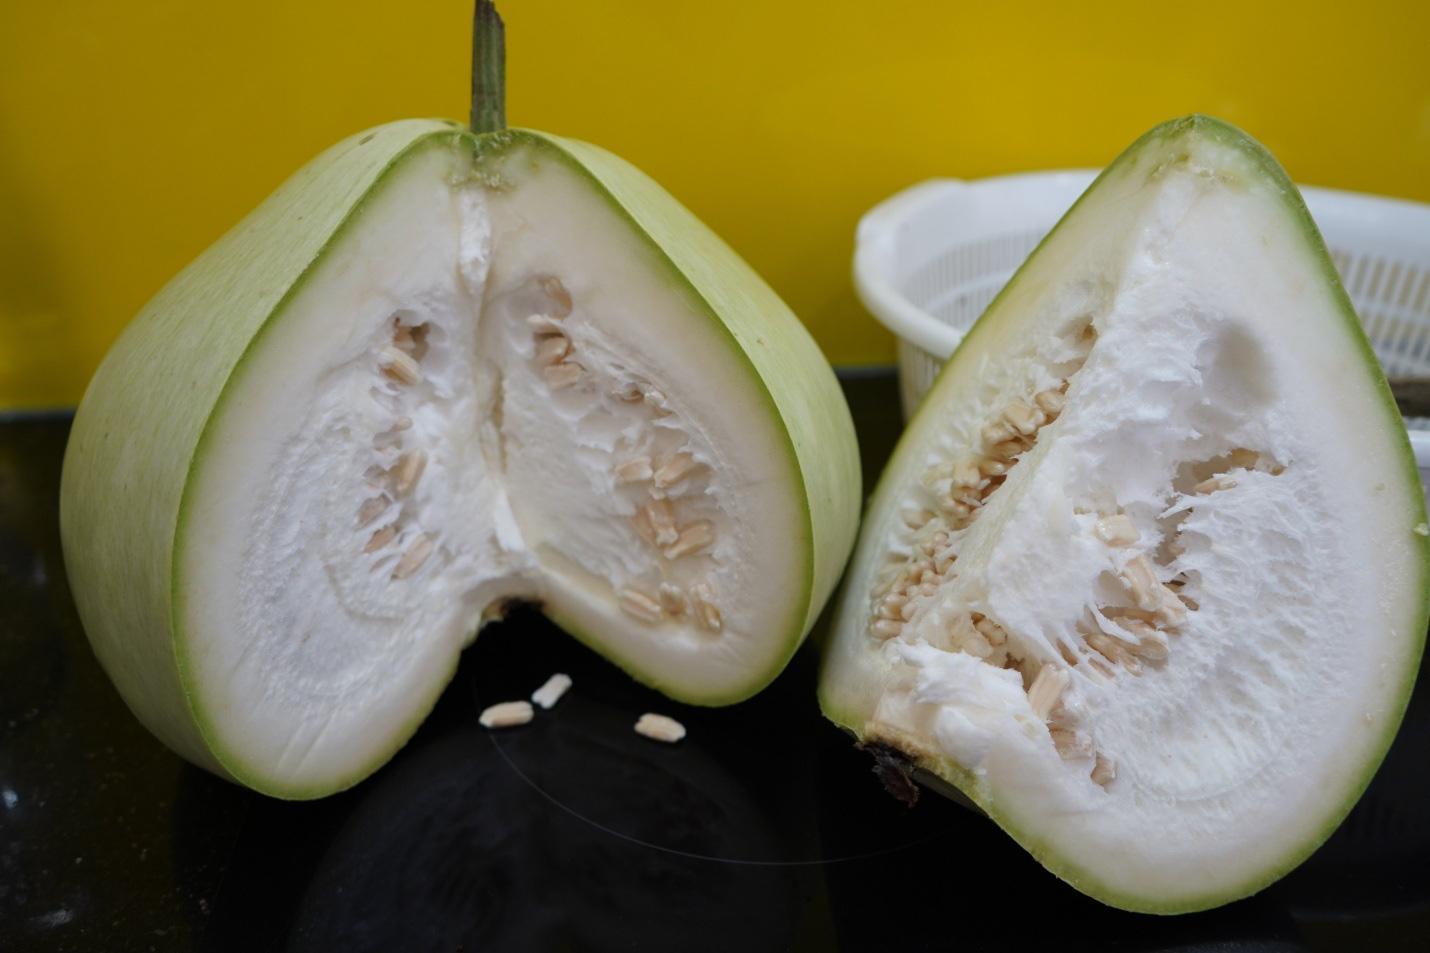 Hải Phòng: Giống bầu lạ, quả tròn khổng lồ mỗi trái nặng 15kg ăn cả tuần không hết - Ảnh 6.